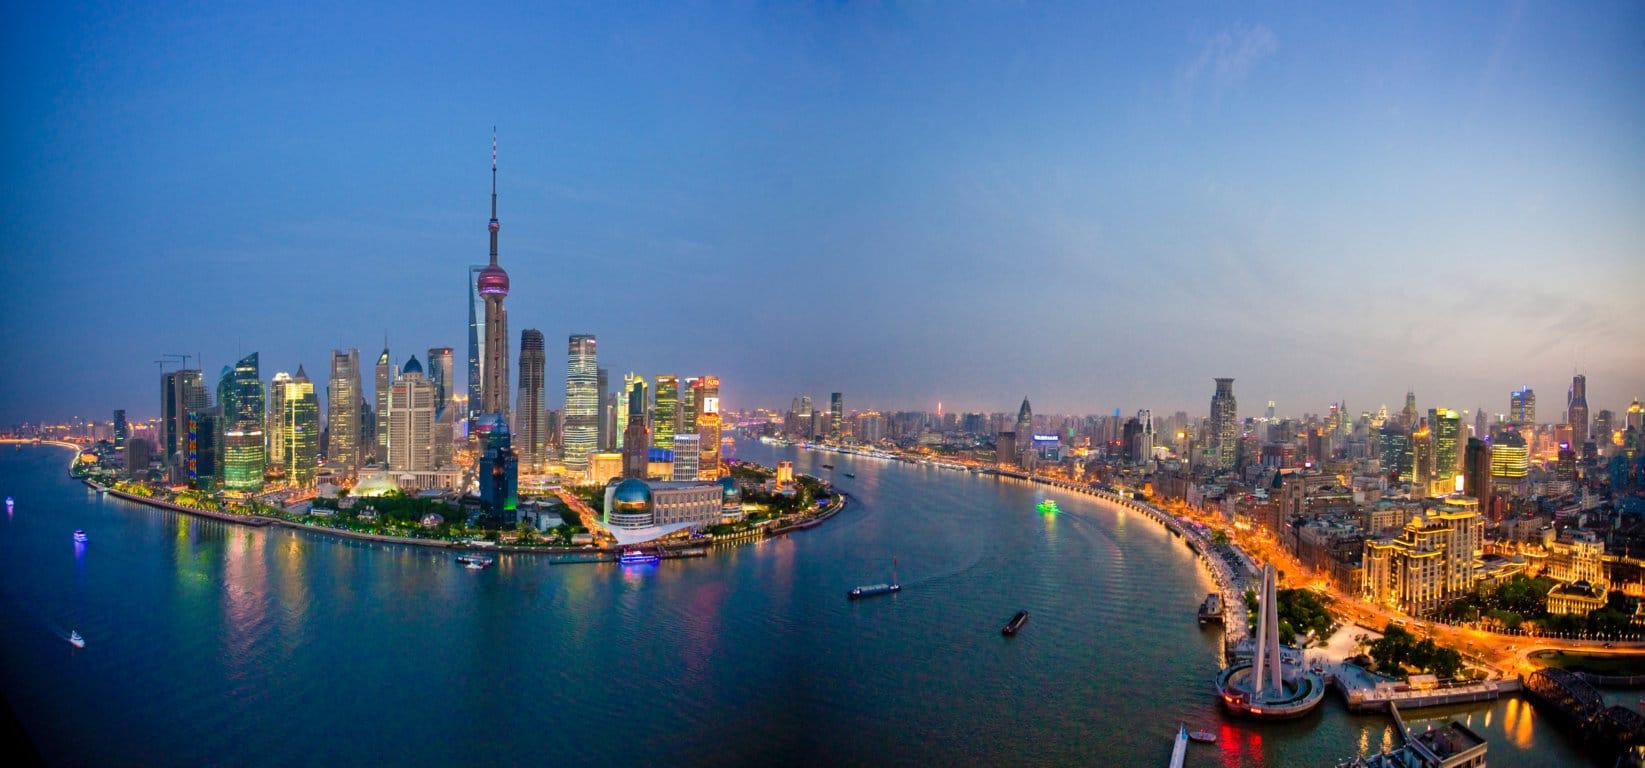 Shanghai (FILEminimizer)